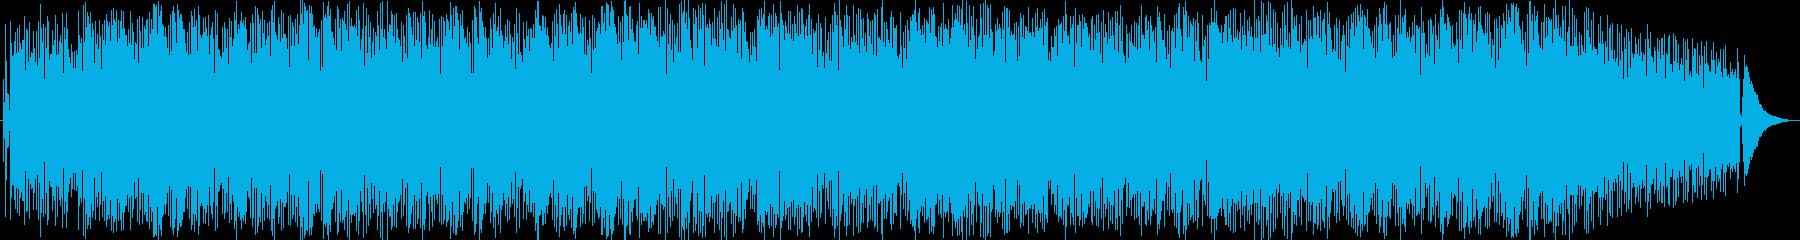 ラテン ジャズ バサノバ ゆっくり...の再生済みの波形